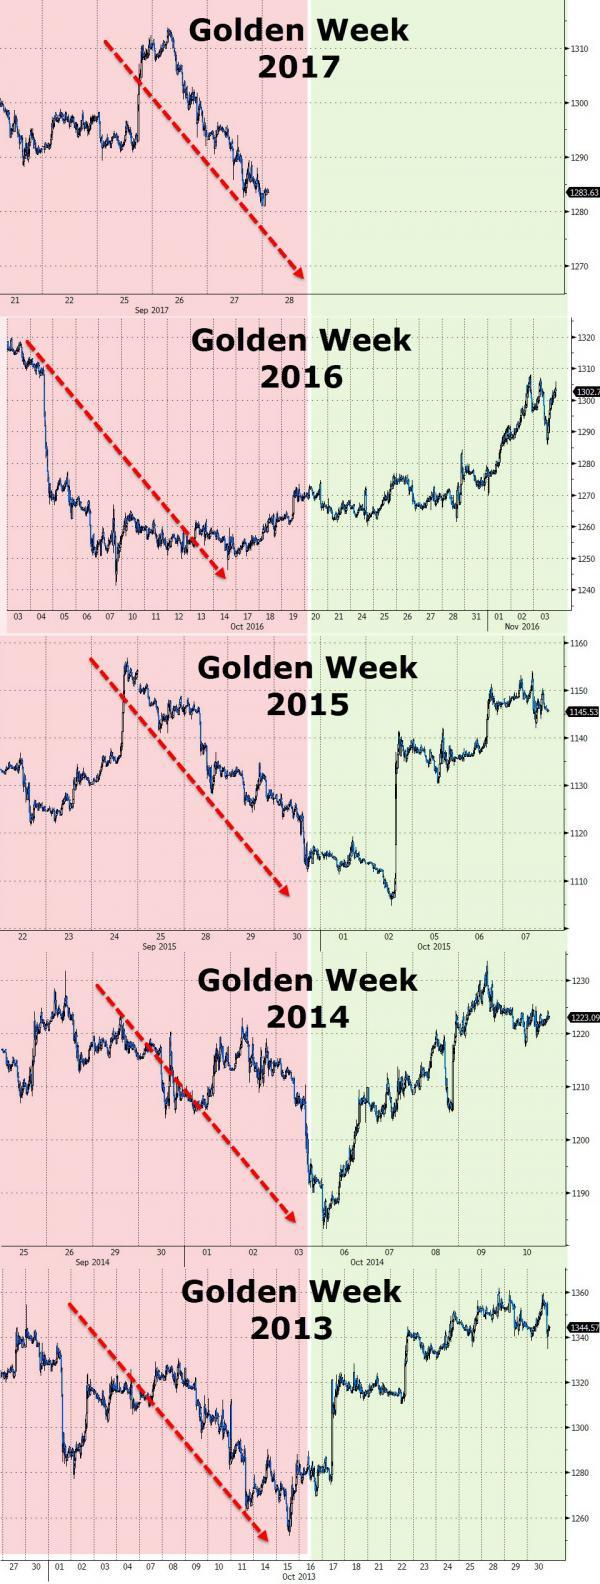 Golden Weeks, 2013 - 2017